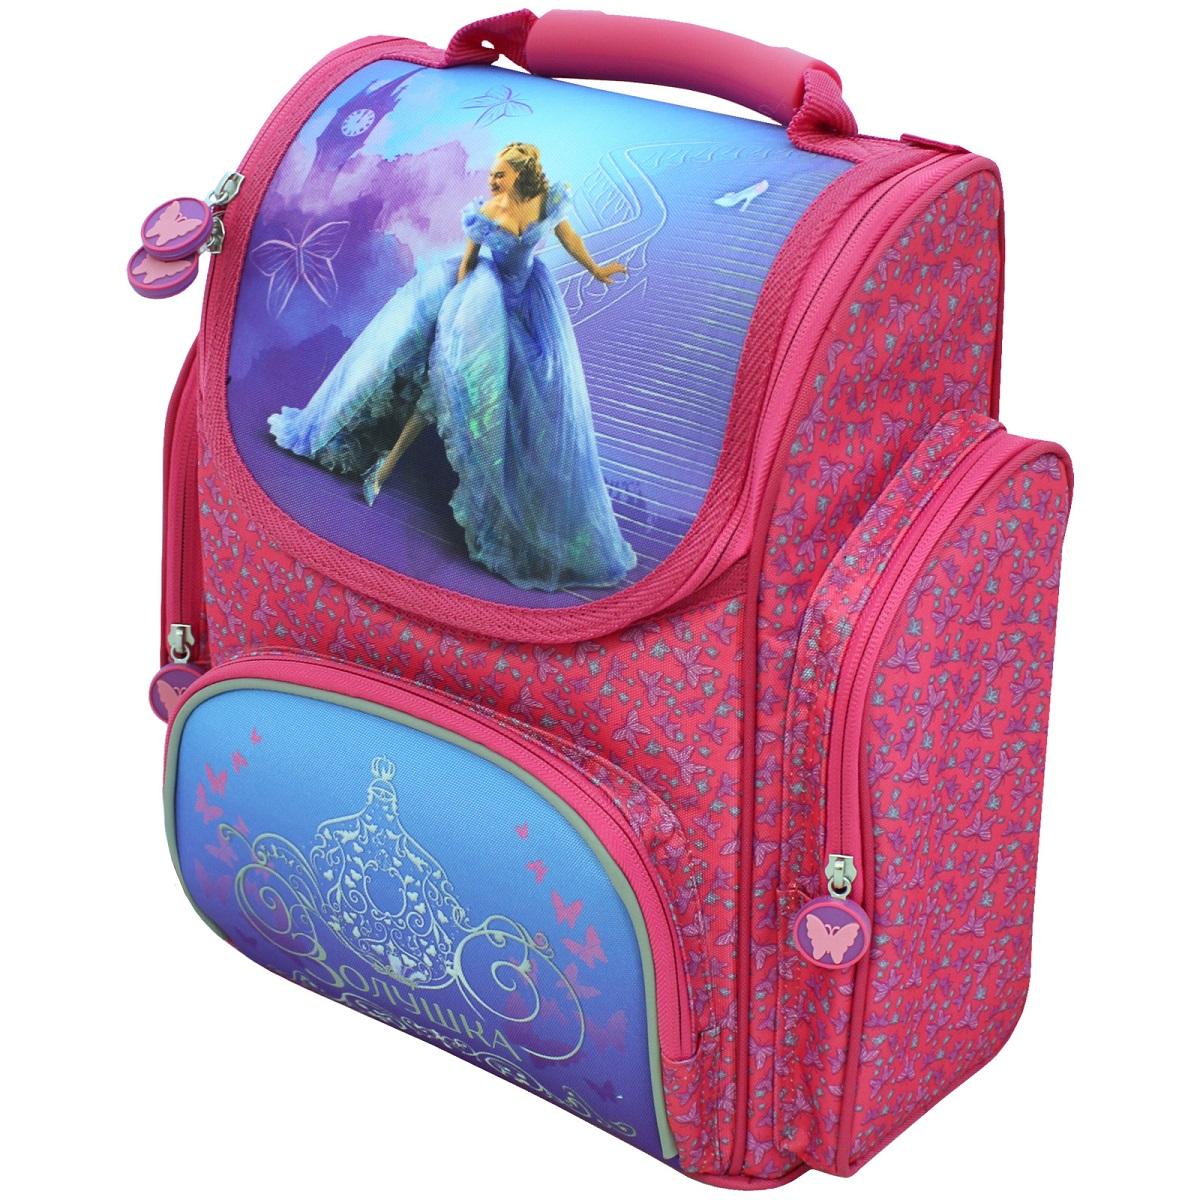 Рюкзак ортопедический средний Золушка26291Ортопедический рюкзак «Disney» Золушка с прочным каркасом – это красивый и удобный помощник. В его отделение на молнии легко поместятся предметы форматом А4. Внутри находятся два отсека для тетрадей, приспособление для ключей и кармашек для личной карточки. Снаружи – лицевой карман на молнии, подходящий для пенала, и 2 боковых кармана на молнии высотой 24 см. Ортопедическая спинка, созданная по специальной технологии из дышащего материала, равномерно распределяет нагрузку на плечевые суставы и спину. Удлиненные держатели на мягких регулируемых ремнях облегчают фиксацию длины. Светоотражающие элементы на лямках в виде бабочек и на лицевом кармане повышают безопасность ребенка на дороге в темное время суток. Пластиковая ручка удобна для переноски рюкзака в руке. Пластиковые ножки защищают дно от загрязнения. Аксессуар изготовлен из износоустойчивых материалов с водонепроницаемой основой, декорирован ярким принтом (сублимированная печать) и подвесками на молнии с бабочками.